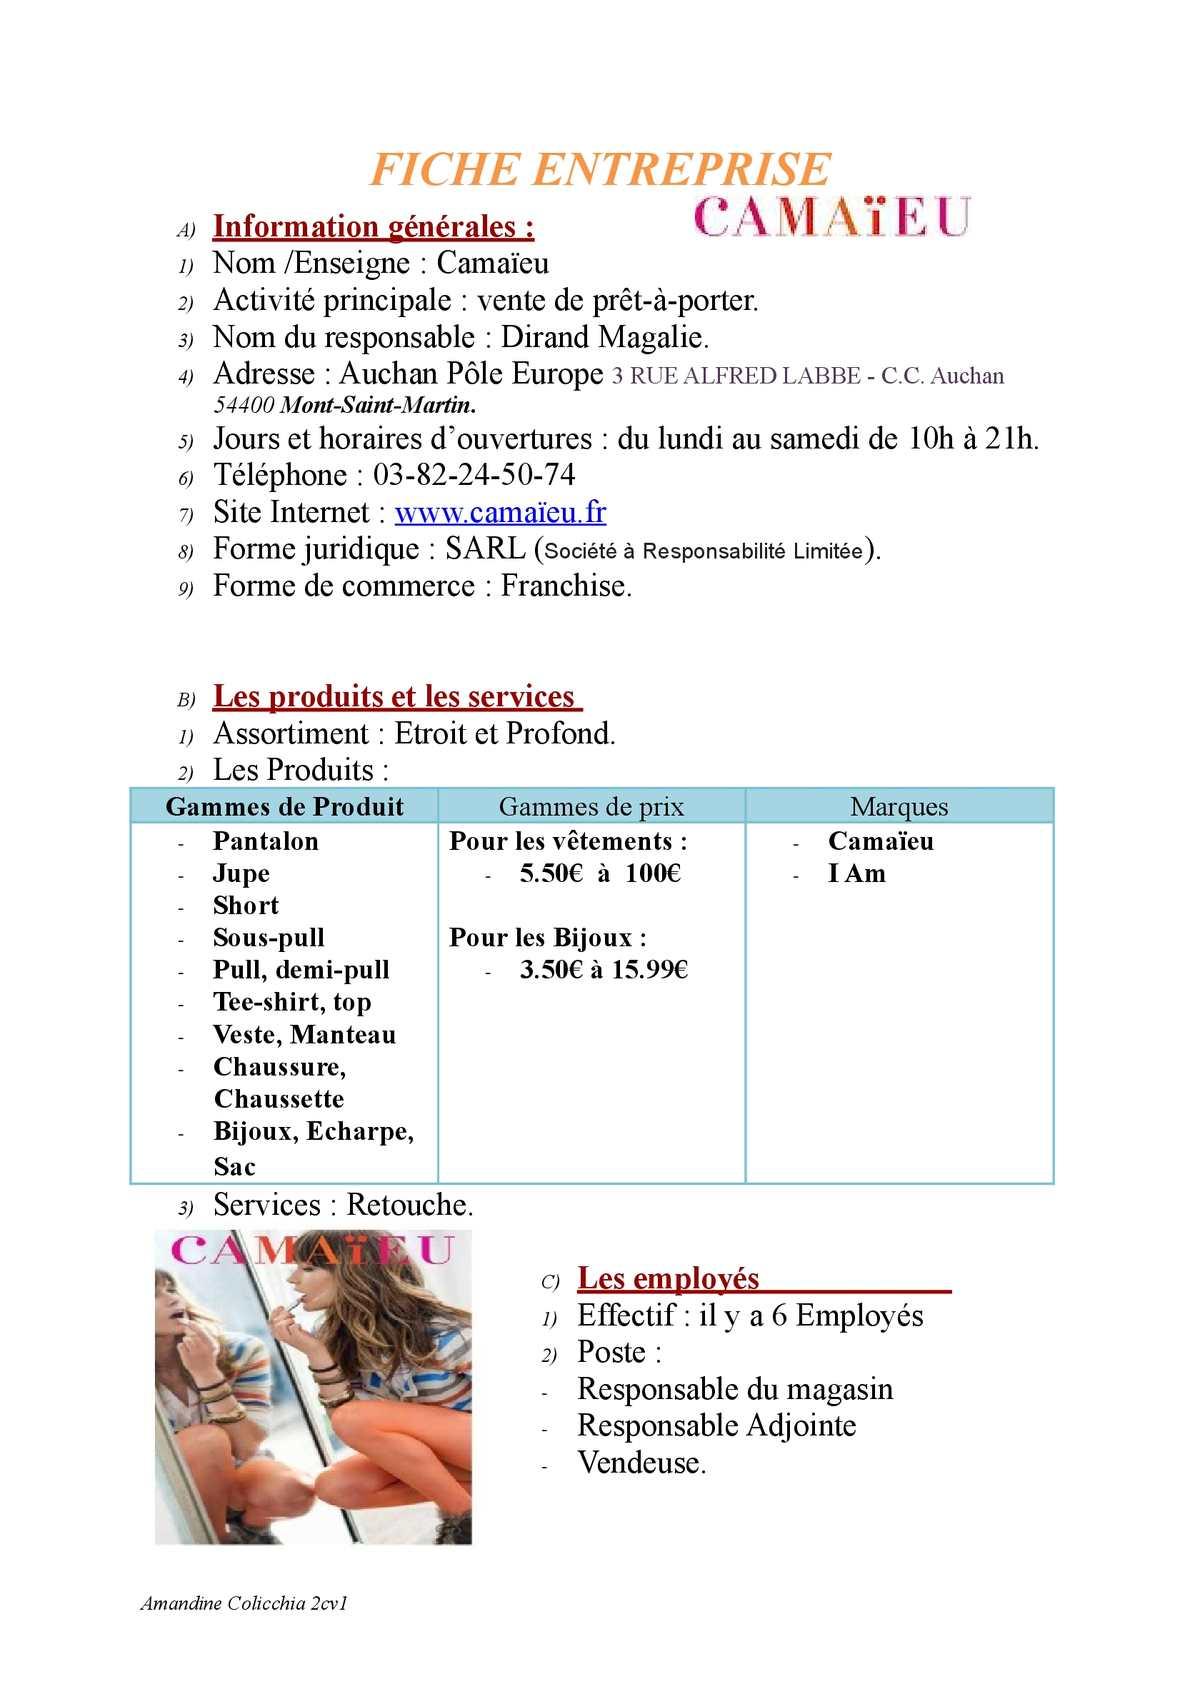 Calaméo - FICHE ENTREPRISE 2